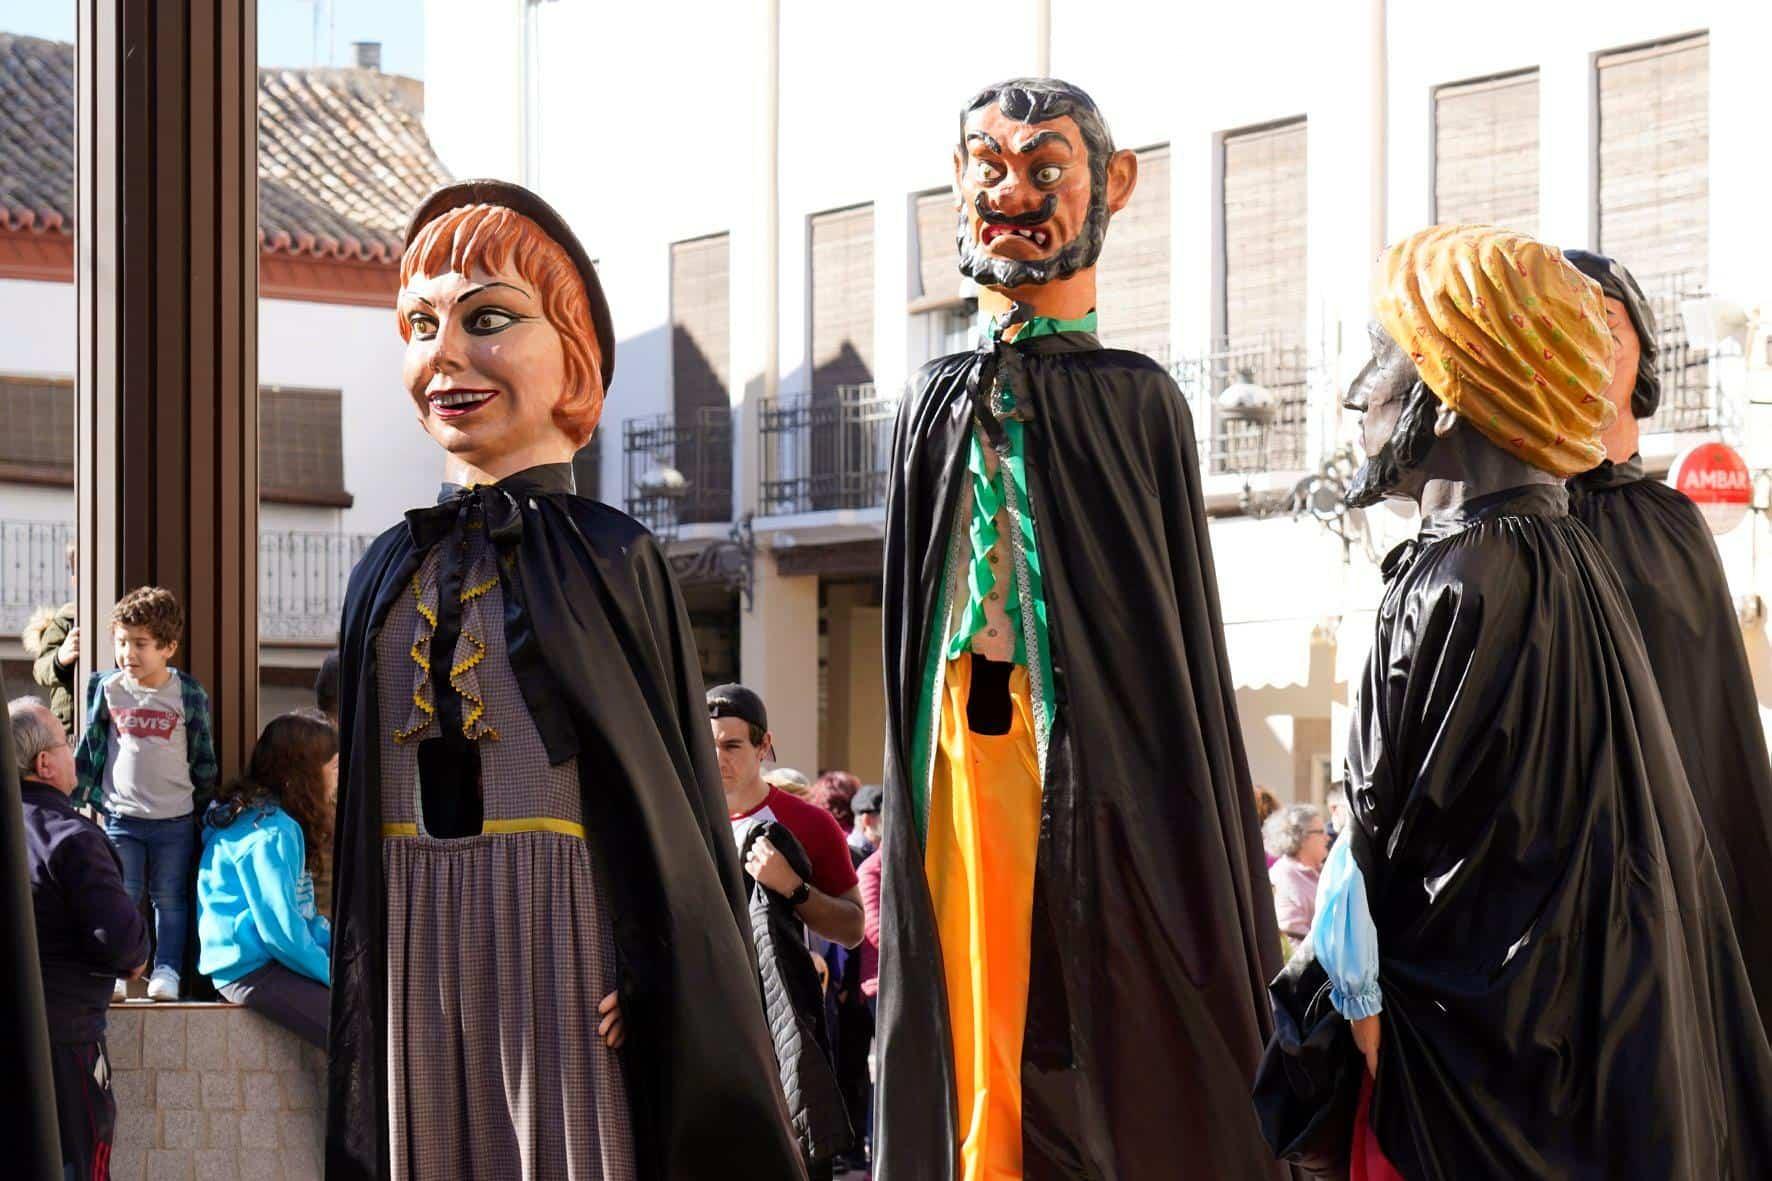 Carnaval de Herencia 2020 entierro sardina 3 - El Entierro de la Sardina 2020 del Carnaval de Herencia